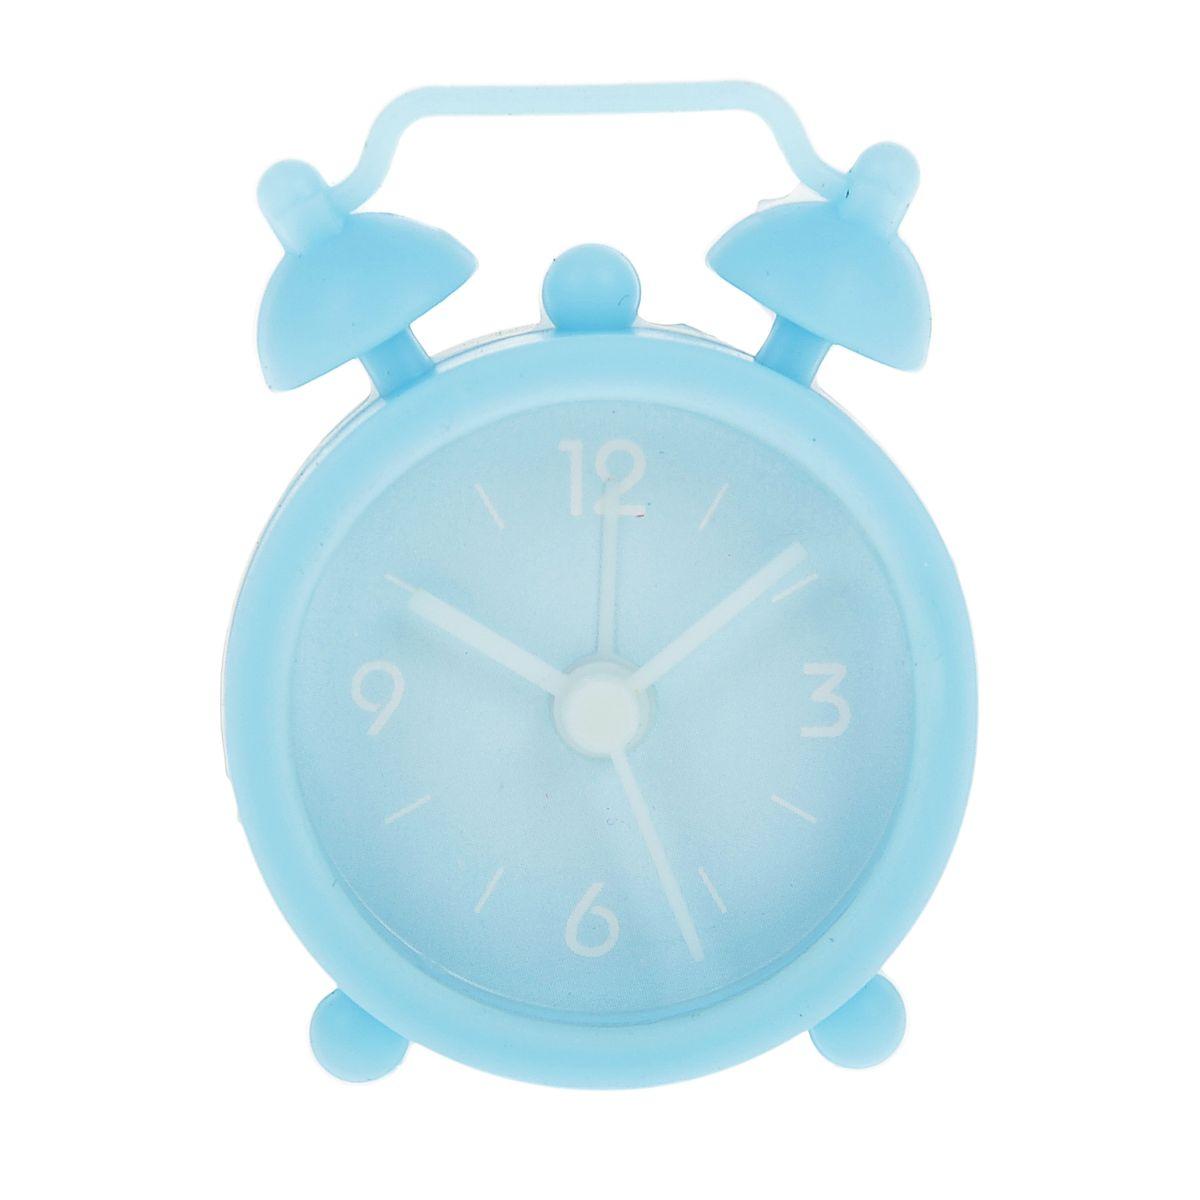 Часы-будильник Sima-land, цвет: голубой. 840940840940Как же сложно иногда вставать вовремя! Всегда так хочется поспать еще хотя бы 5 минут и бывает, что мы просыпаем. Теперь этого не случится! Яркий, оригинальный будильник Sima-land поможет вам всегда вставать в нужное время и успевать везде и всюду. Будильник украсит вашу комнату и приведет в восхищение друзей. Эта уменьшенная версия привычного будильника умещается на ладони и работает так же громко, как и привычные аналоги. Время показывает точно и будит в установленный час. Благодаря мягкому силиконовому корпусу изделие не получит повреждений даже при падении. На задней панели будильника расположены переключатель включения/выключения механизма, а также два колесика для настройки текущего времени и времени звонка будильника. Будильник работает от 1 батарейки типа LR44 (входит в комплект).